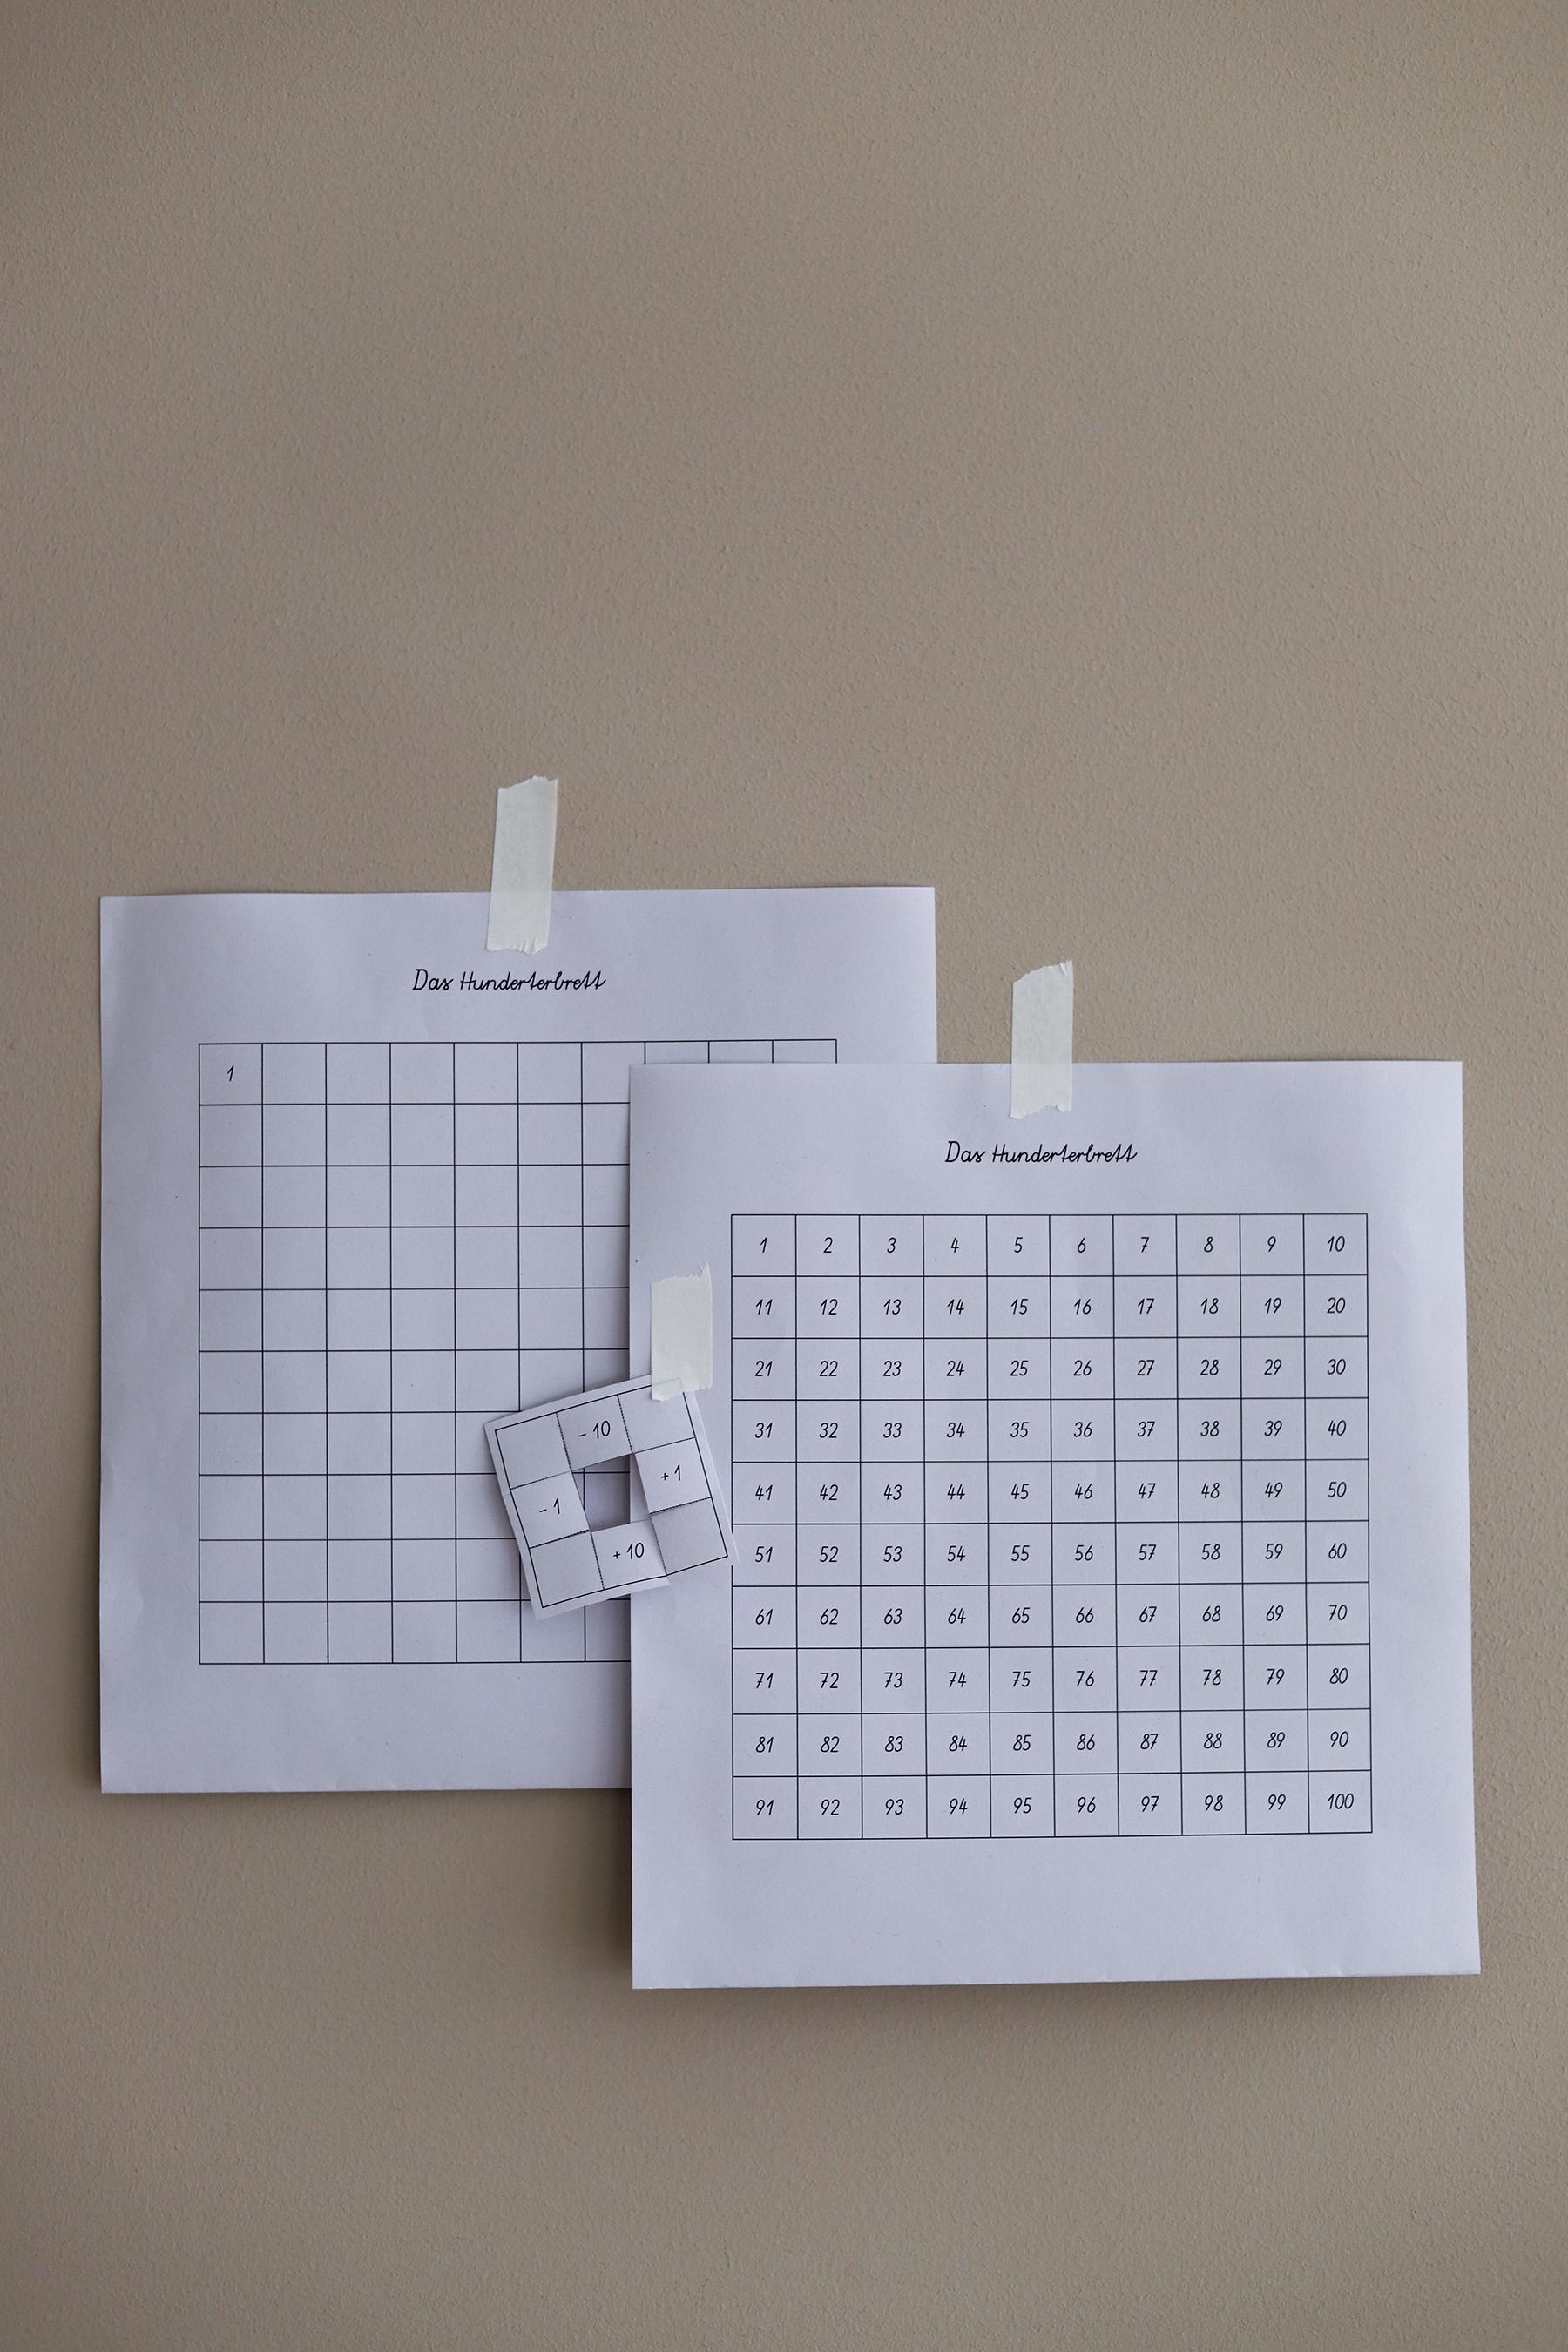 Montessori Material Ausdrucken Hunderterbrett Geniale